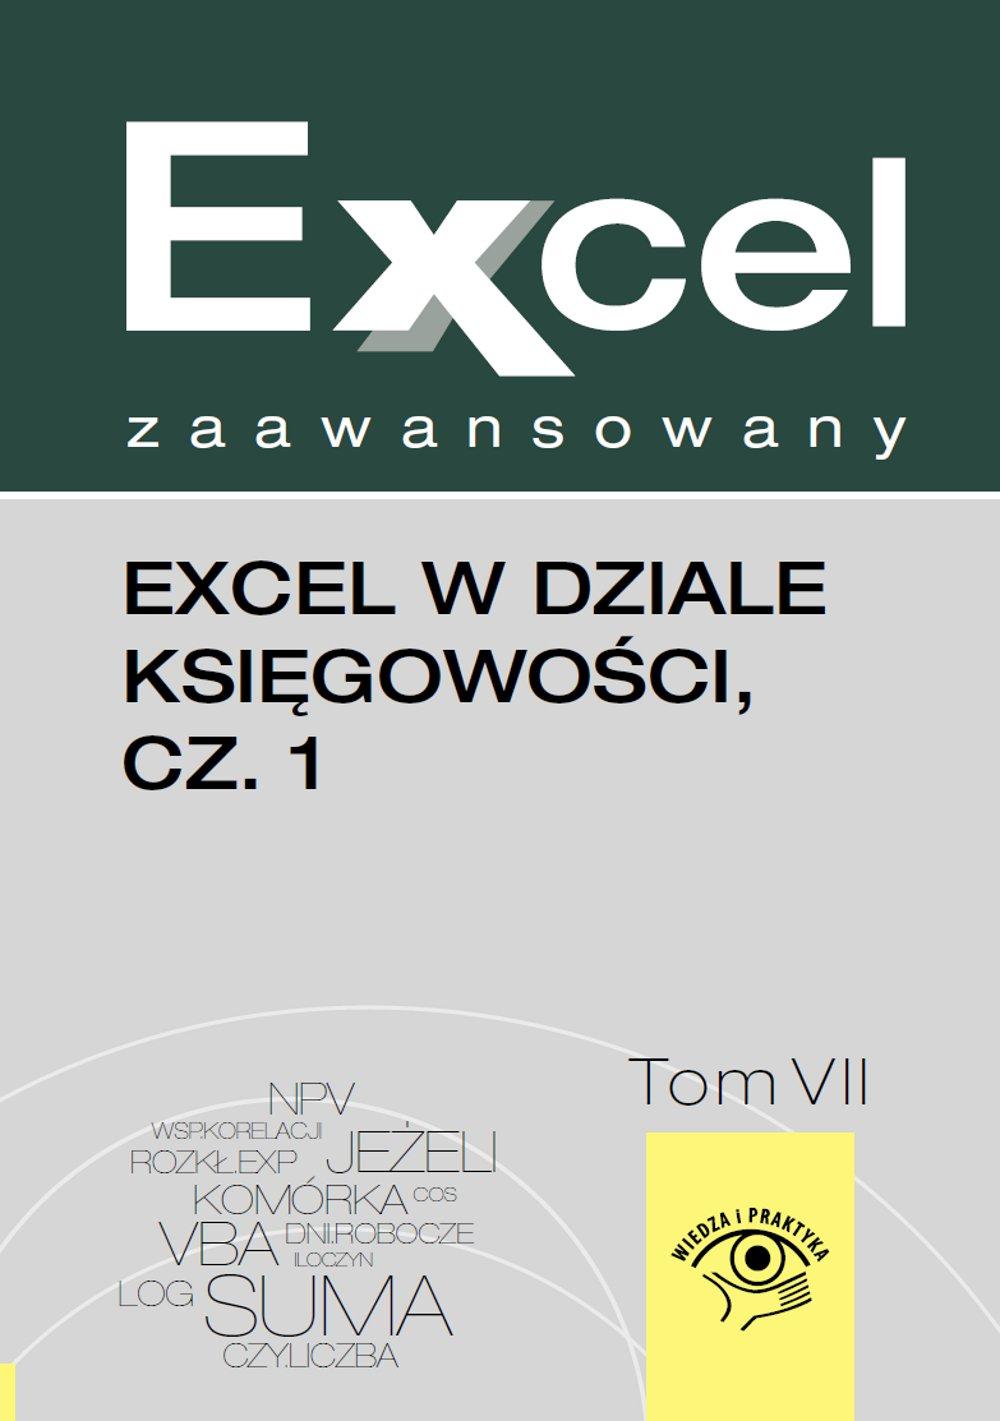 Excel w dziale księgowości. Część 1 - Ebook (Książka PDF) do pobrania w formacie PDF